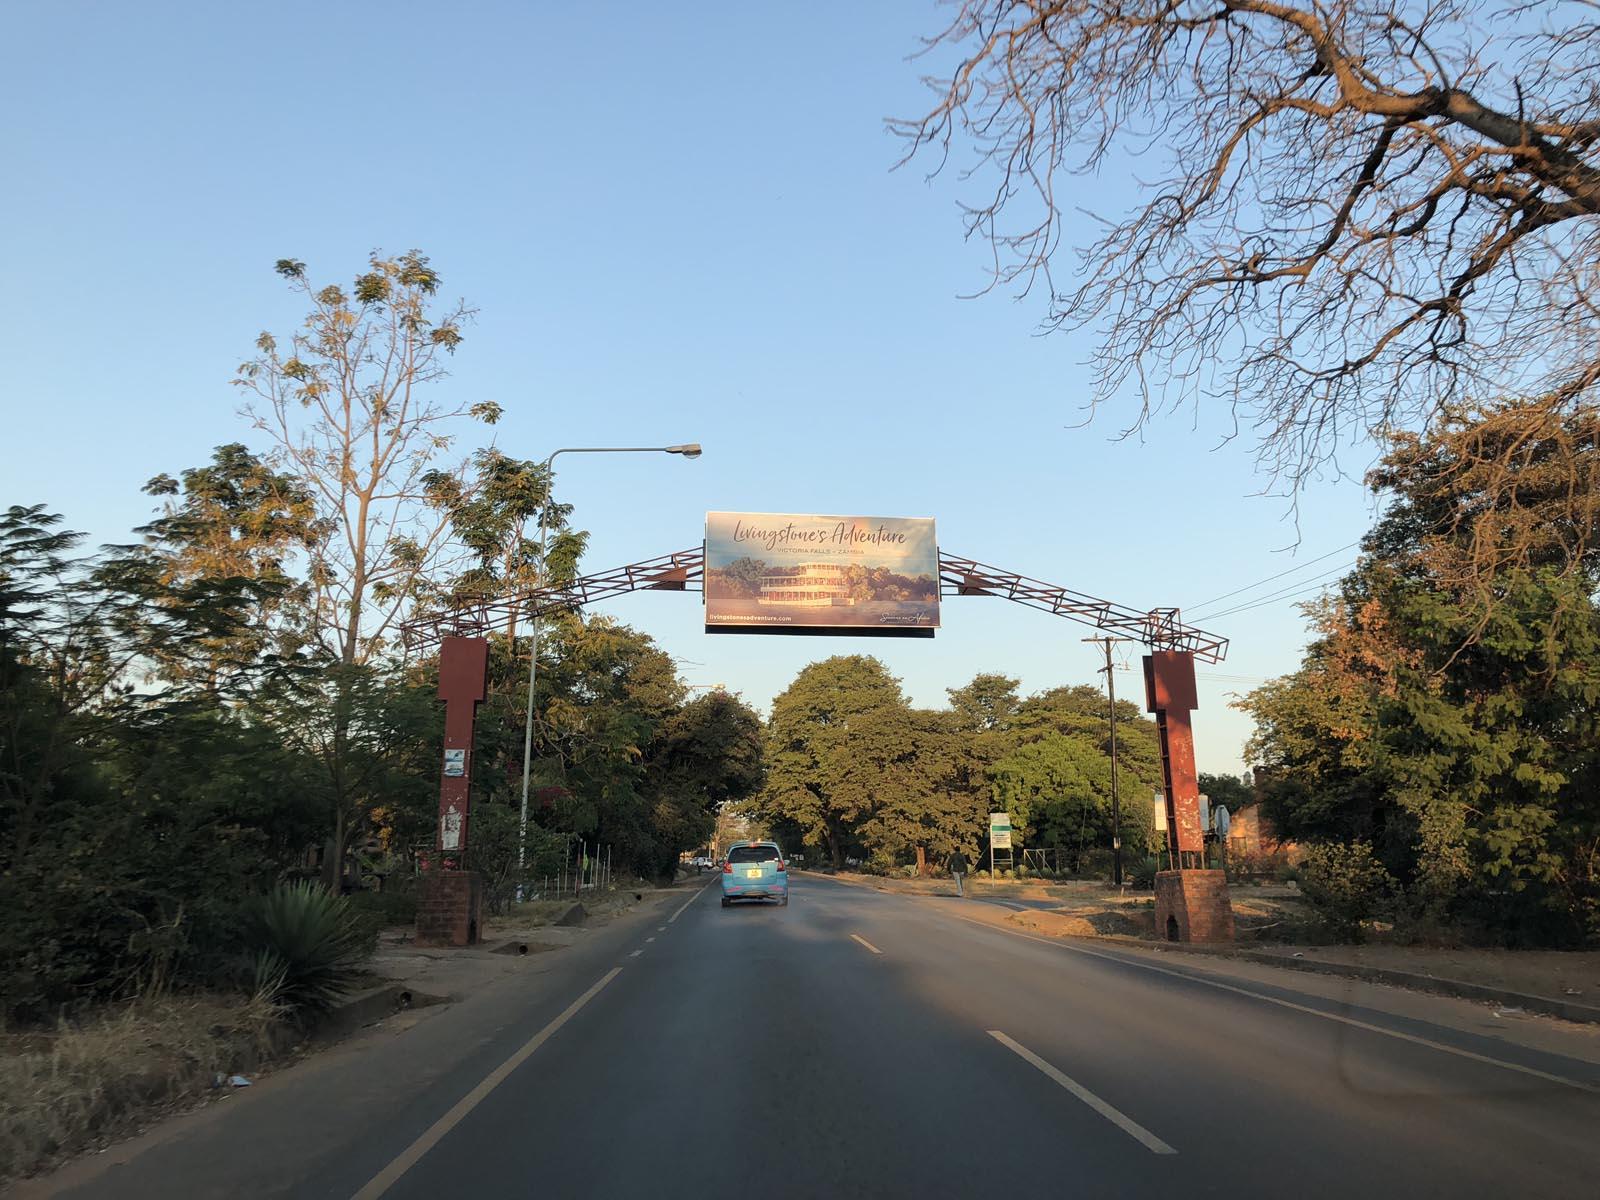 zambia (4)